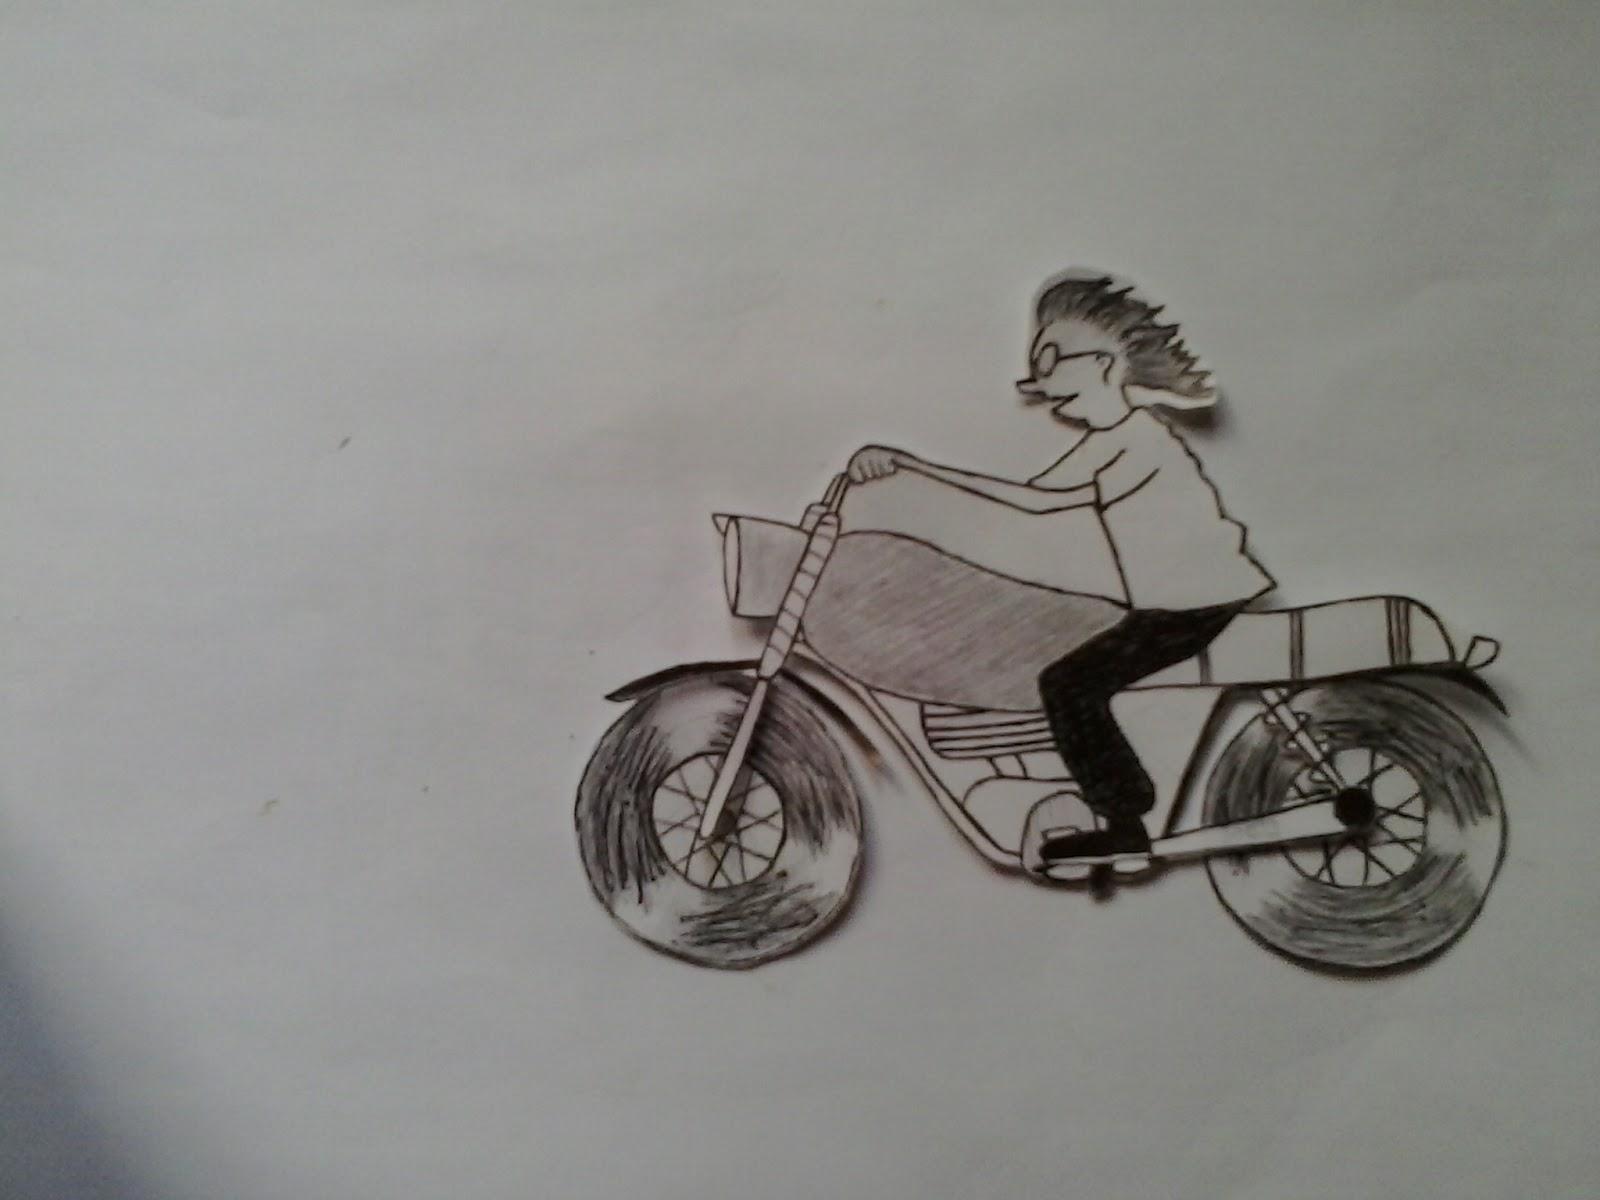 81 Gambar Motor Drag Dengan Pensil Terlengkap Ranting Modifikasi